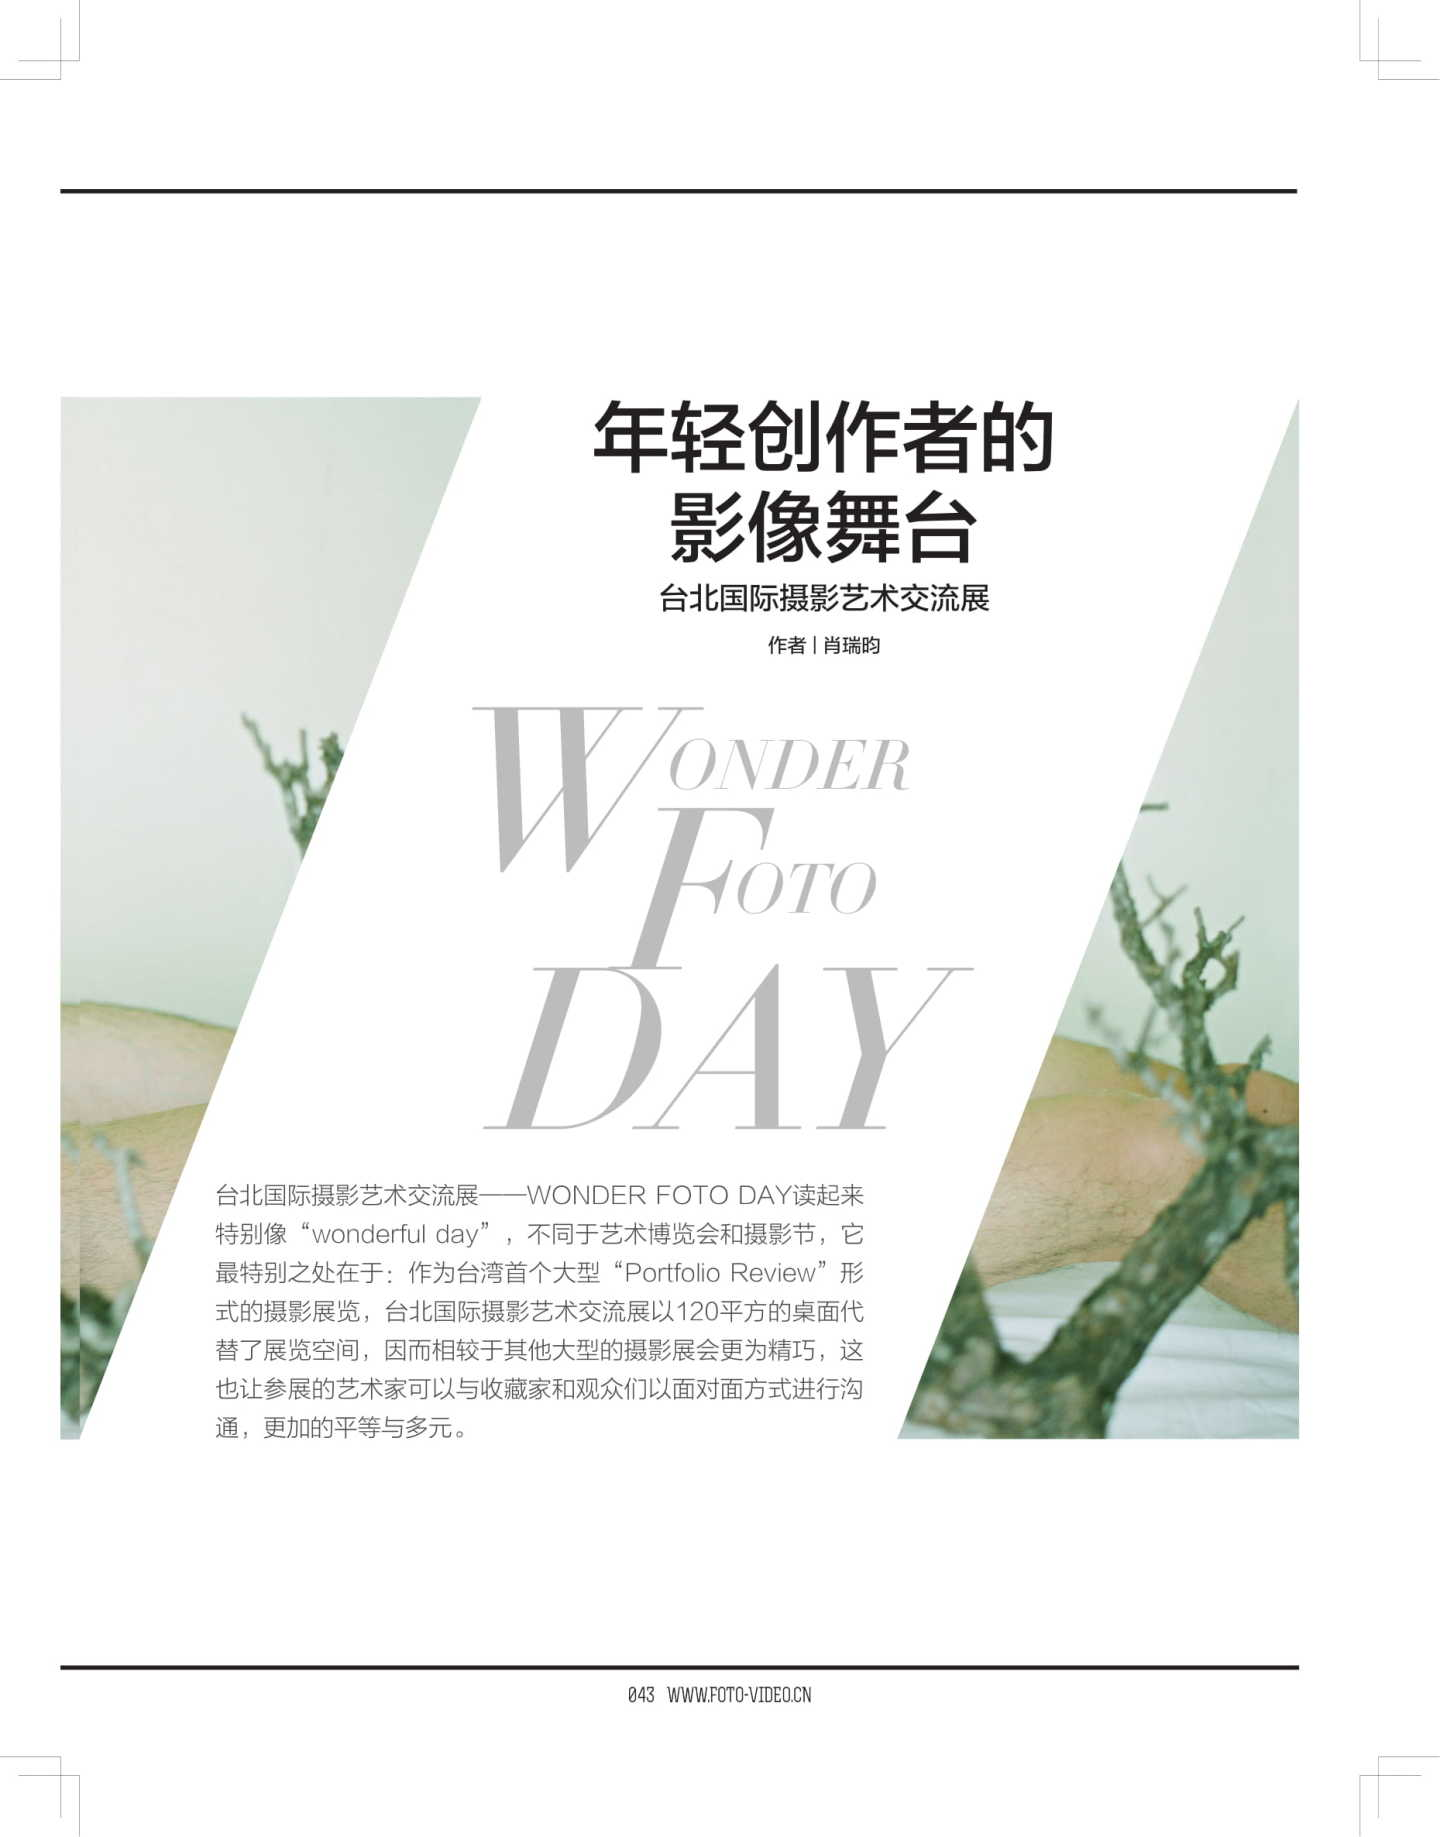 年輕創作者的影像舞台——台北國際攝影藝術交流展